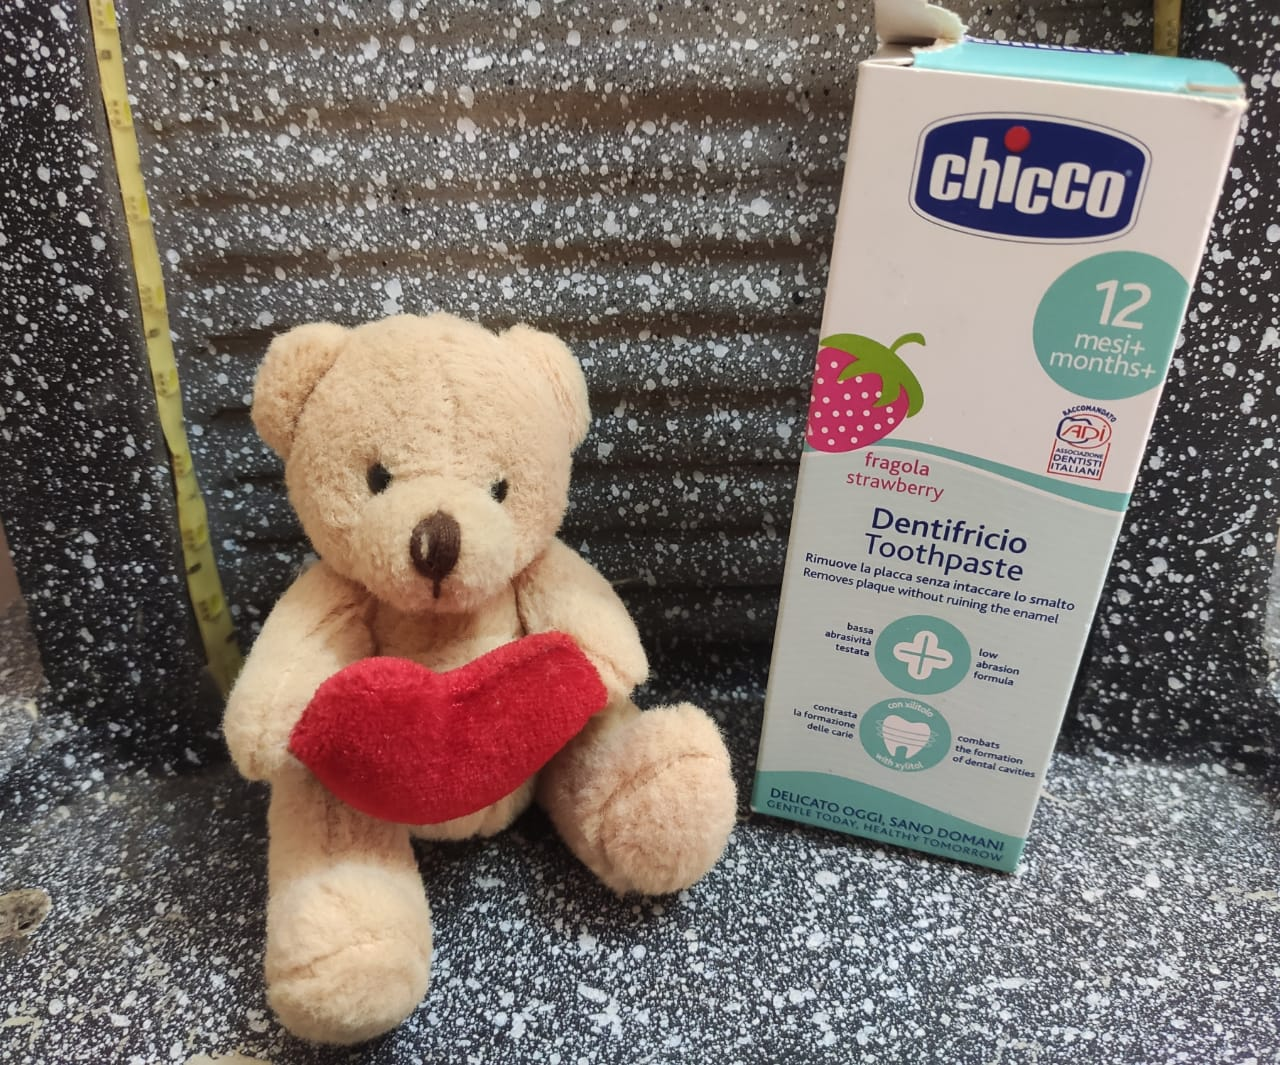 Chicco Dentifricio Baby Toothpaste